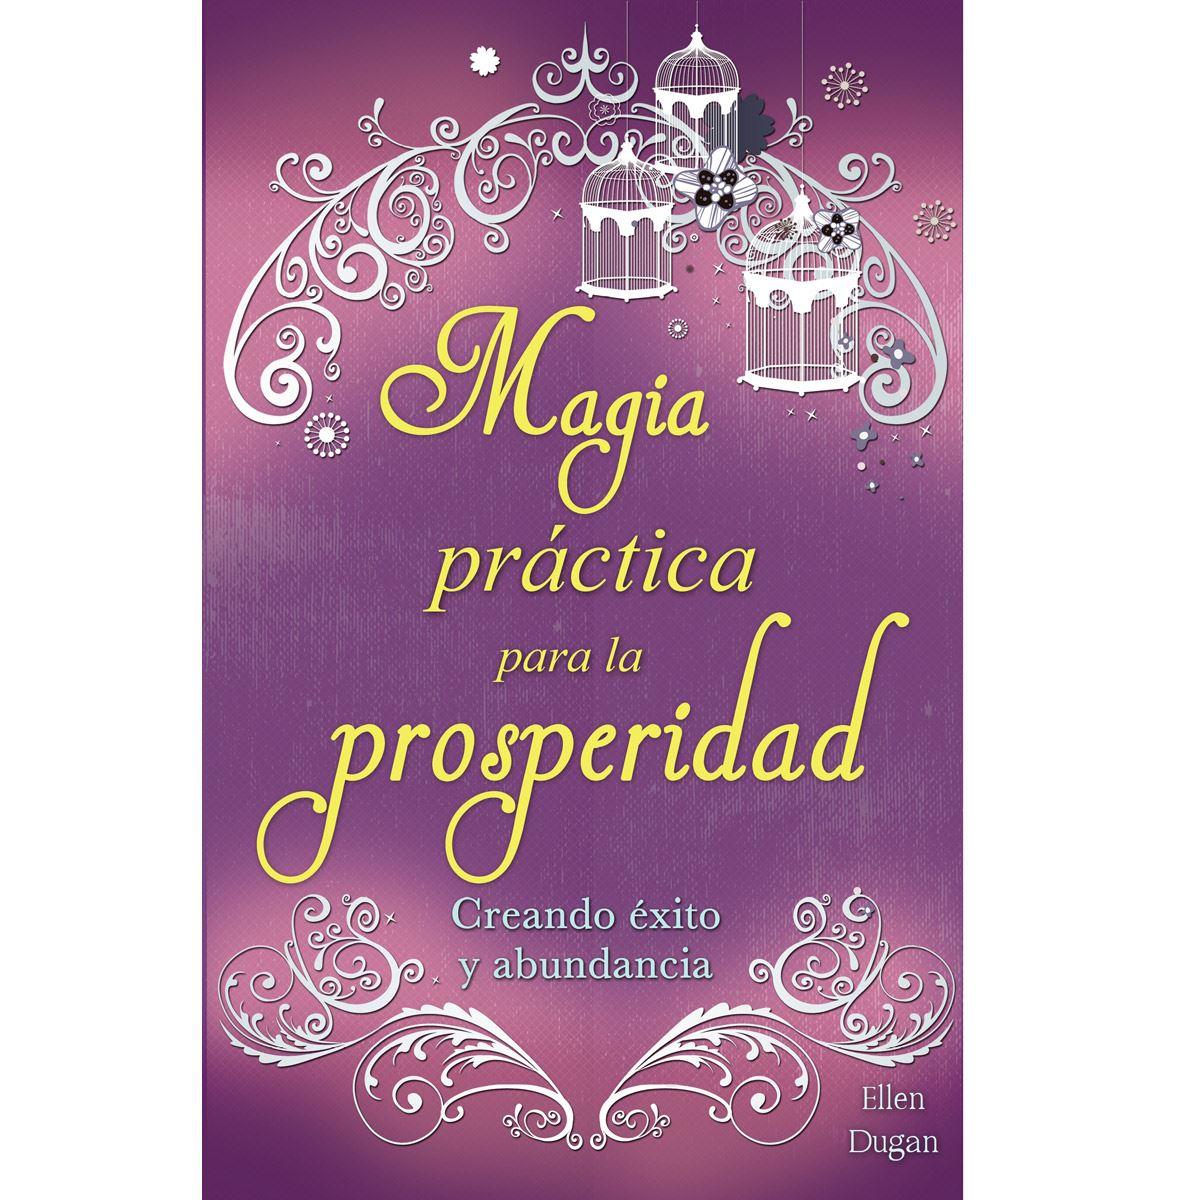 Magia práctica para prosperidad Libro - Sanborns